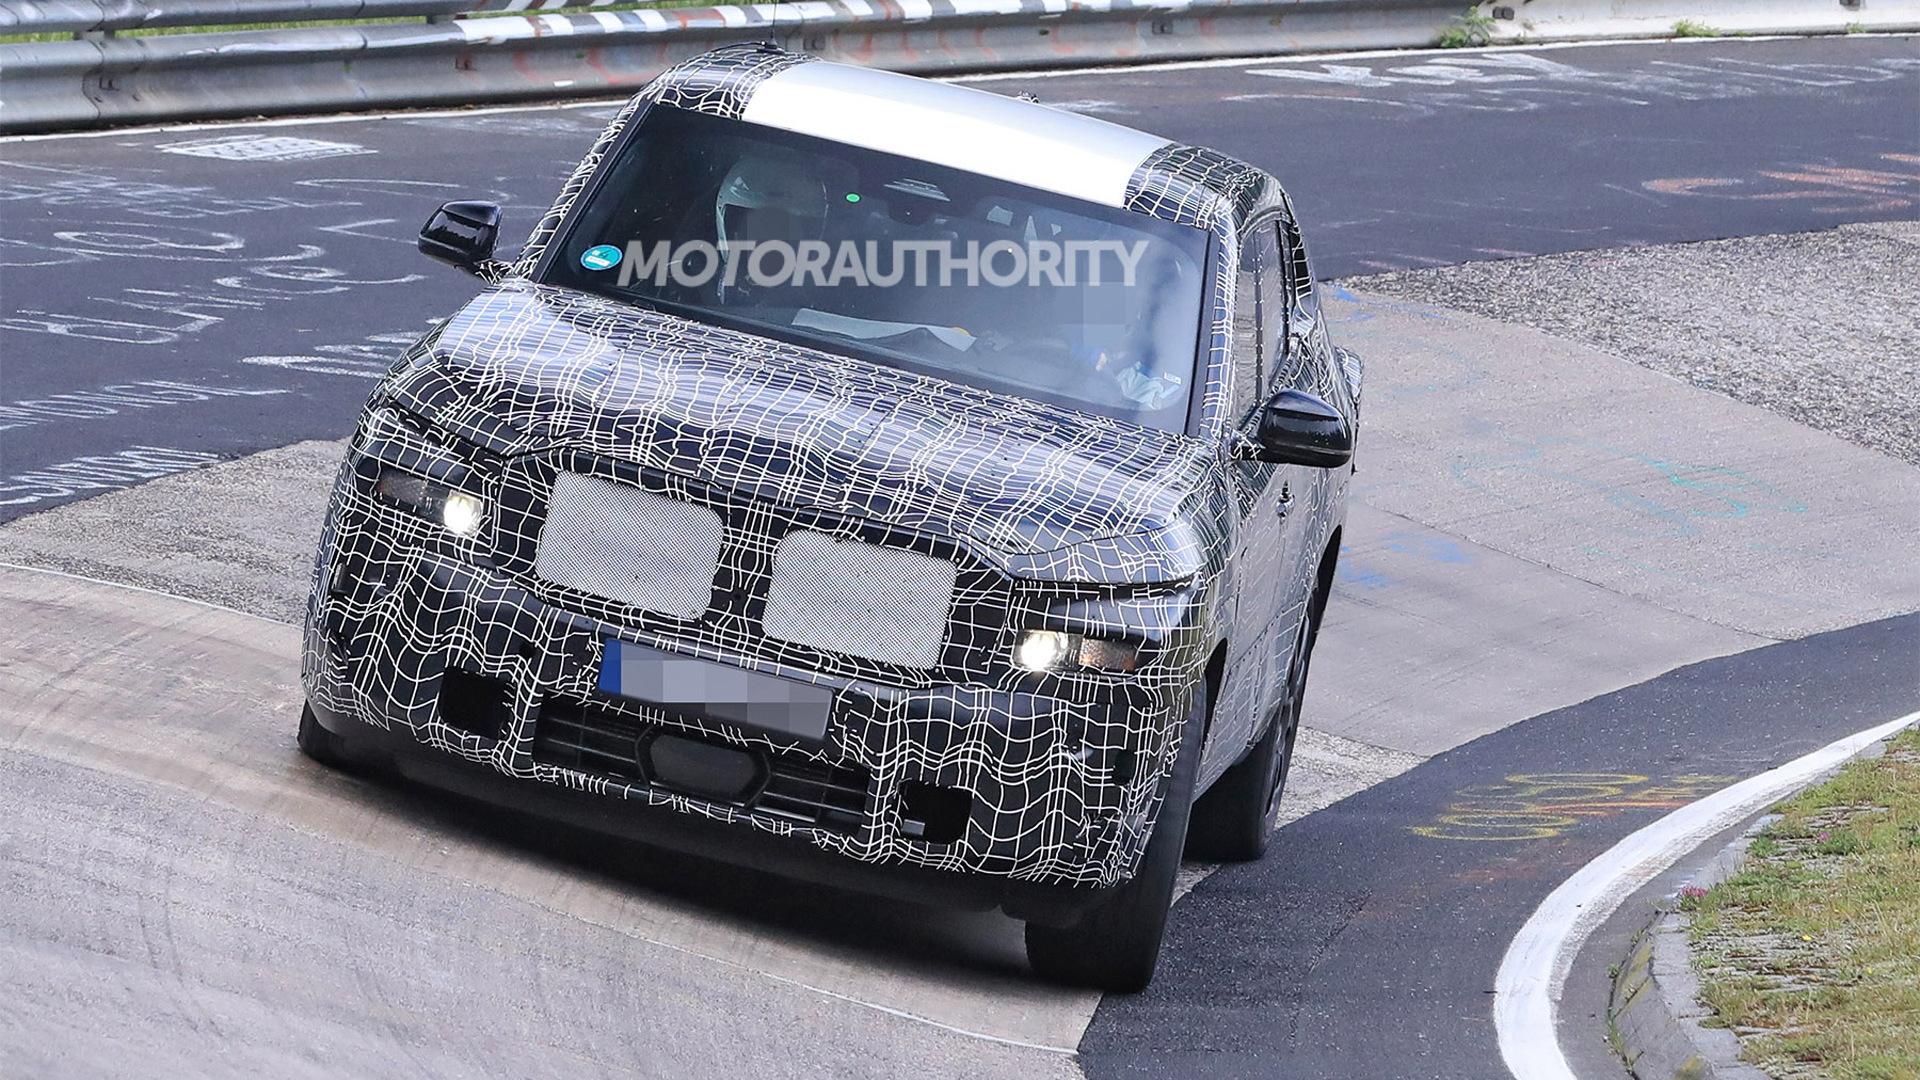 2023 BMW X8 M spy shots - Photo credit:S. Baldauf/SB-Medien